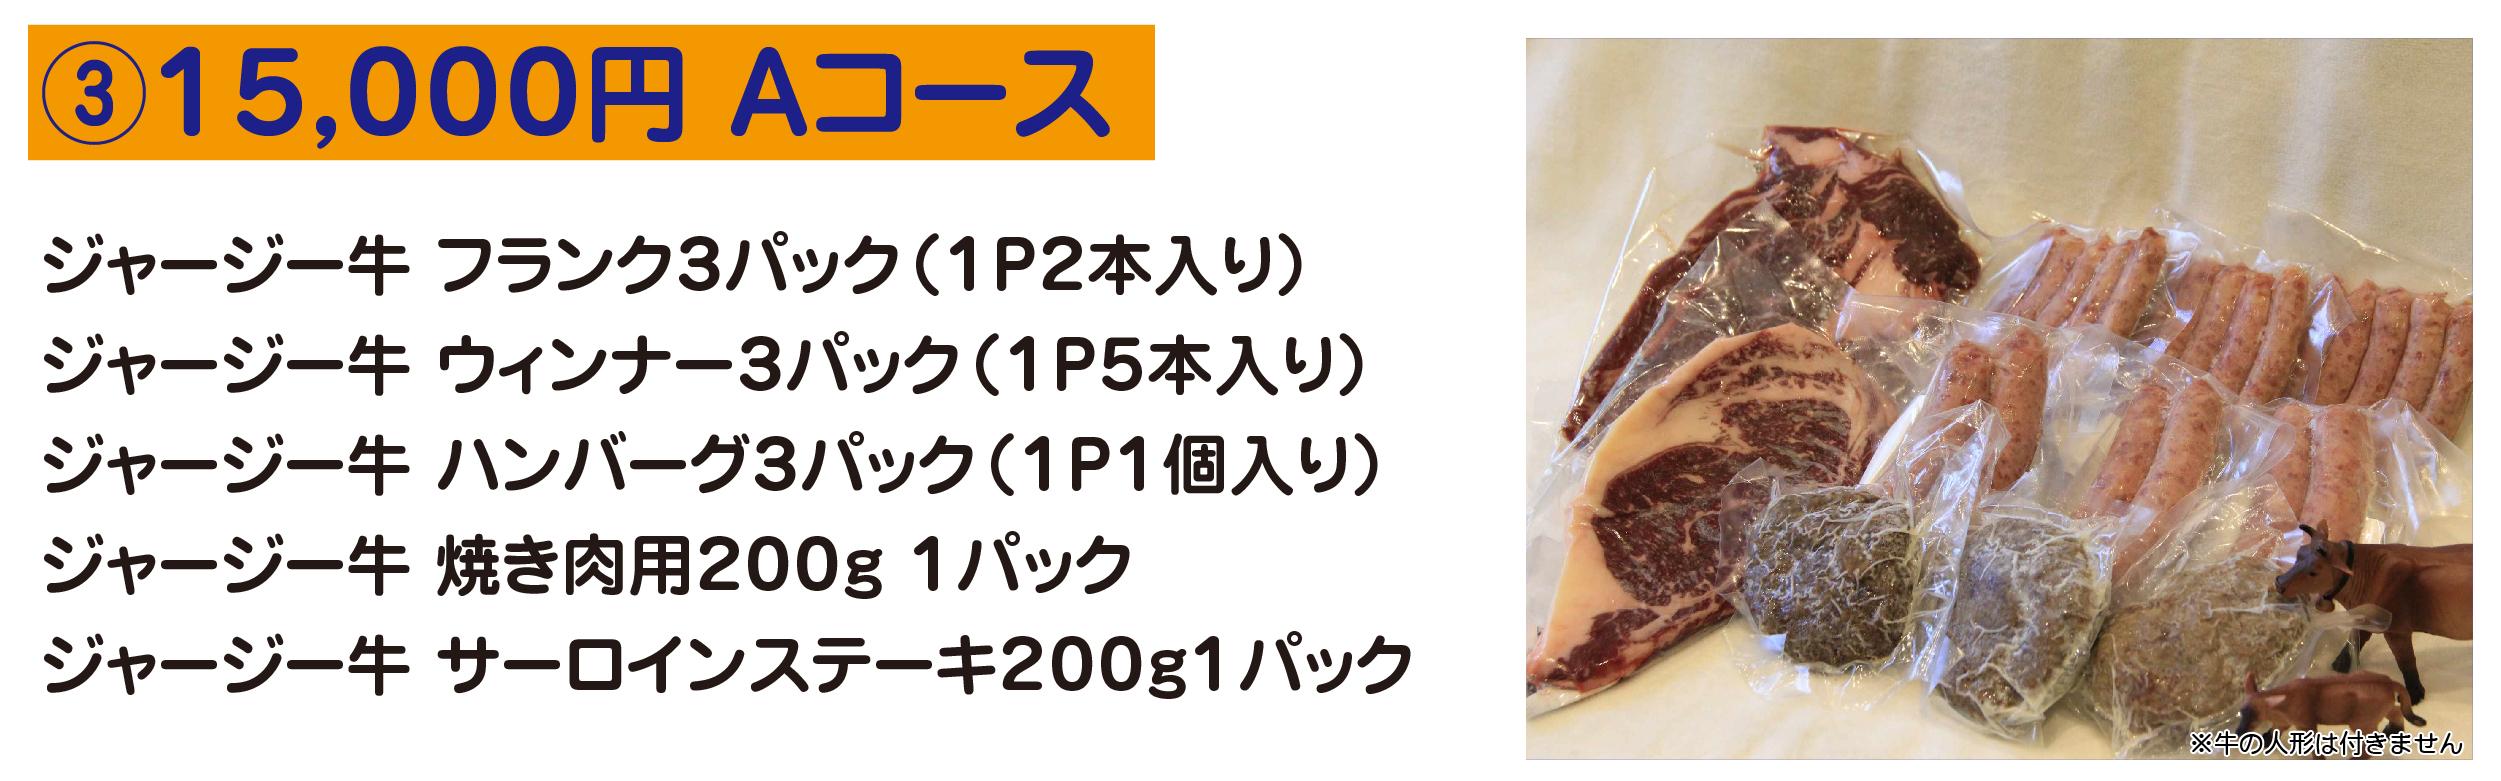 ③15,000円 Aコース ジャージー牛 フランク3パック(1P2本入り) ジャージー牛 ウィンナー3パック(1P5本入り) ジャージー牛 ハンバーグ3パック(1P1個入り) ジャージー牛 焼き肉用200g 1パック ジャージー牛 サーロインステーキ200g1パック